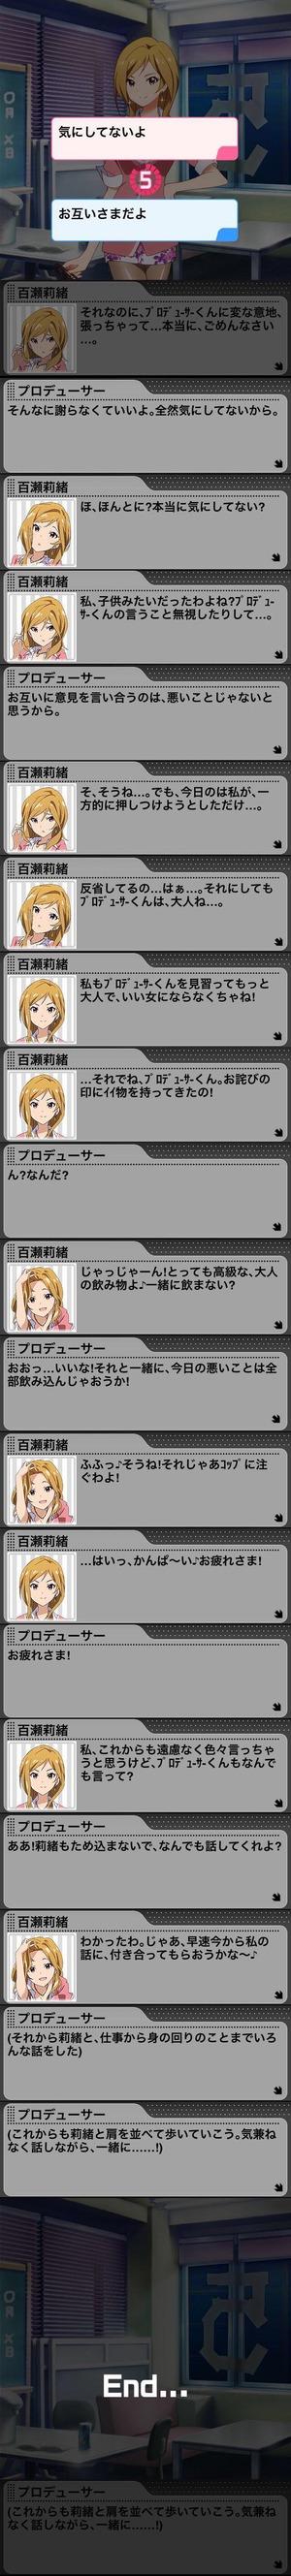 莉緒LV6 (3)